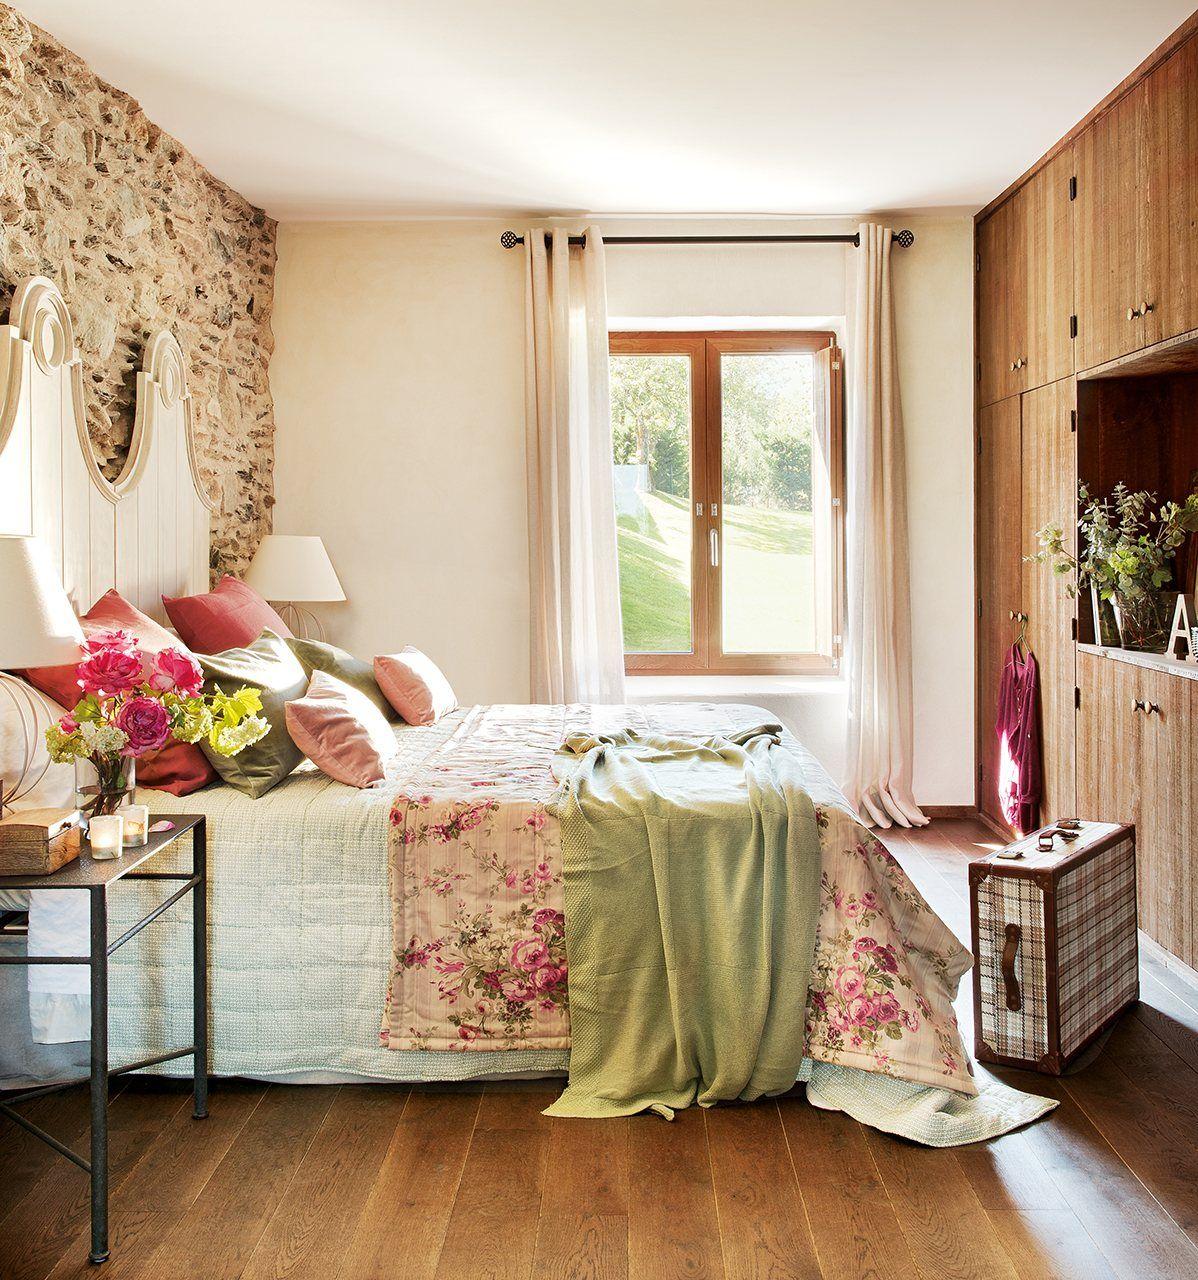 16 dormitorios peque os muy acogedores dormitorios - Dormitorios muy pequenos ...